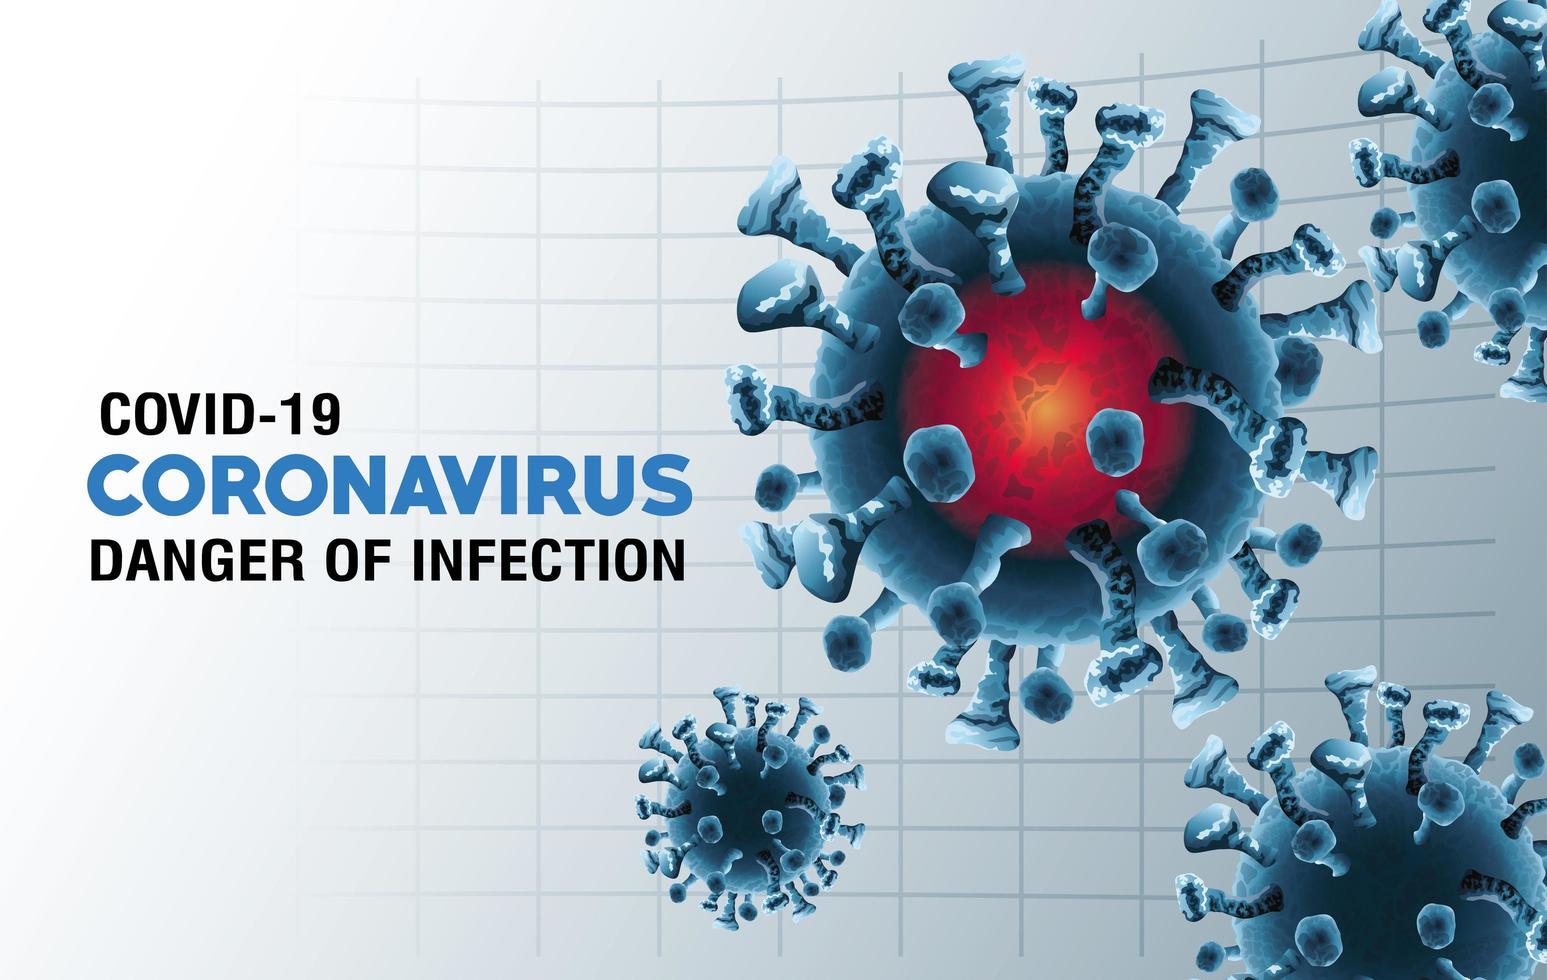 particelle pandemiche covide-19 vettore